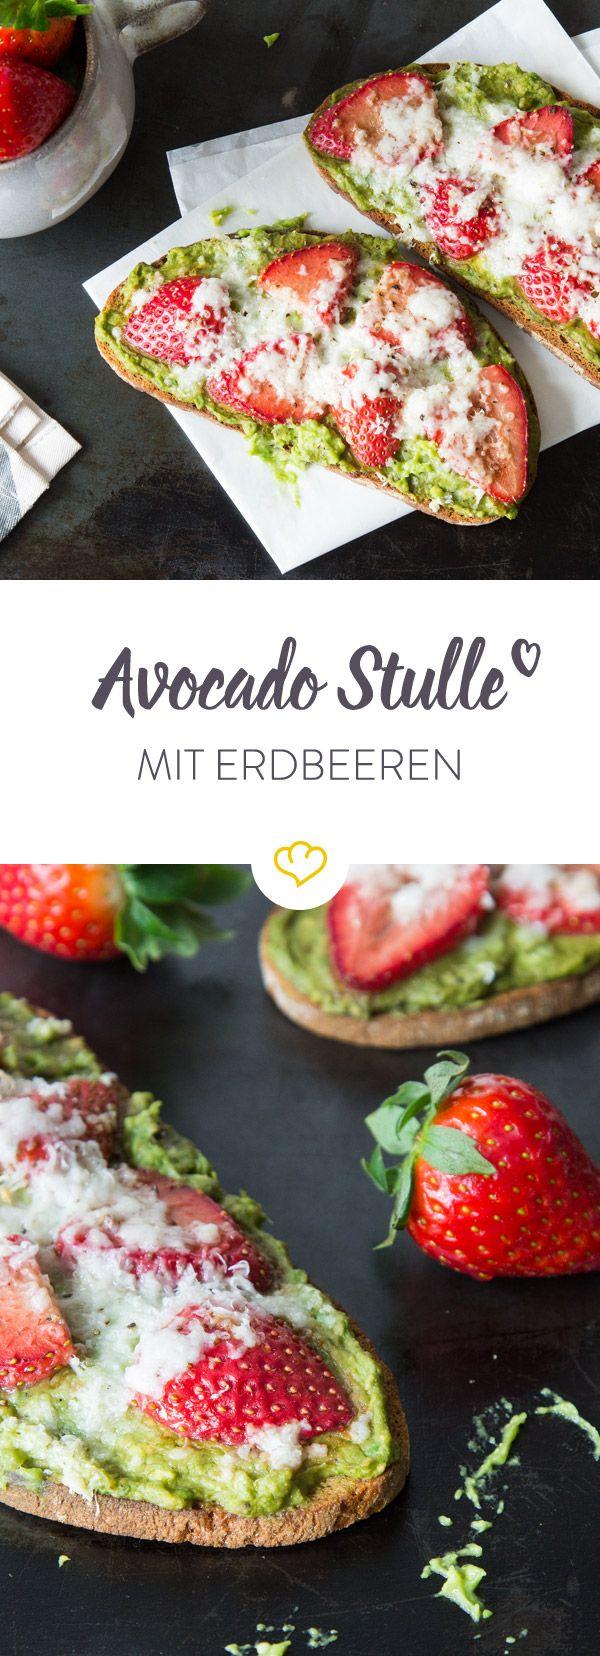 Wenn Avocado und Balsamico-Erdbeeren auf knusprigem Graubrot landen, um im Ofen mit Ziegenkäse überbacken zu werden, hat die Käsestulle ausgedient.